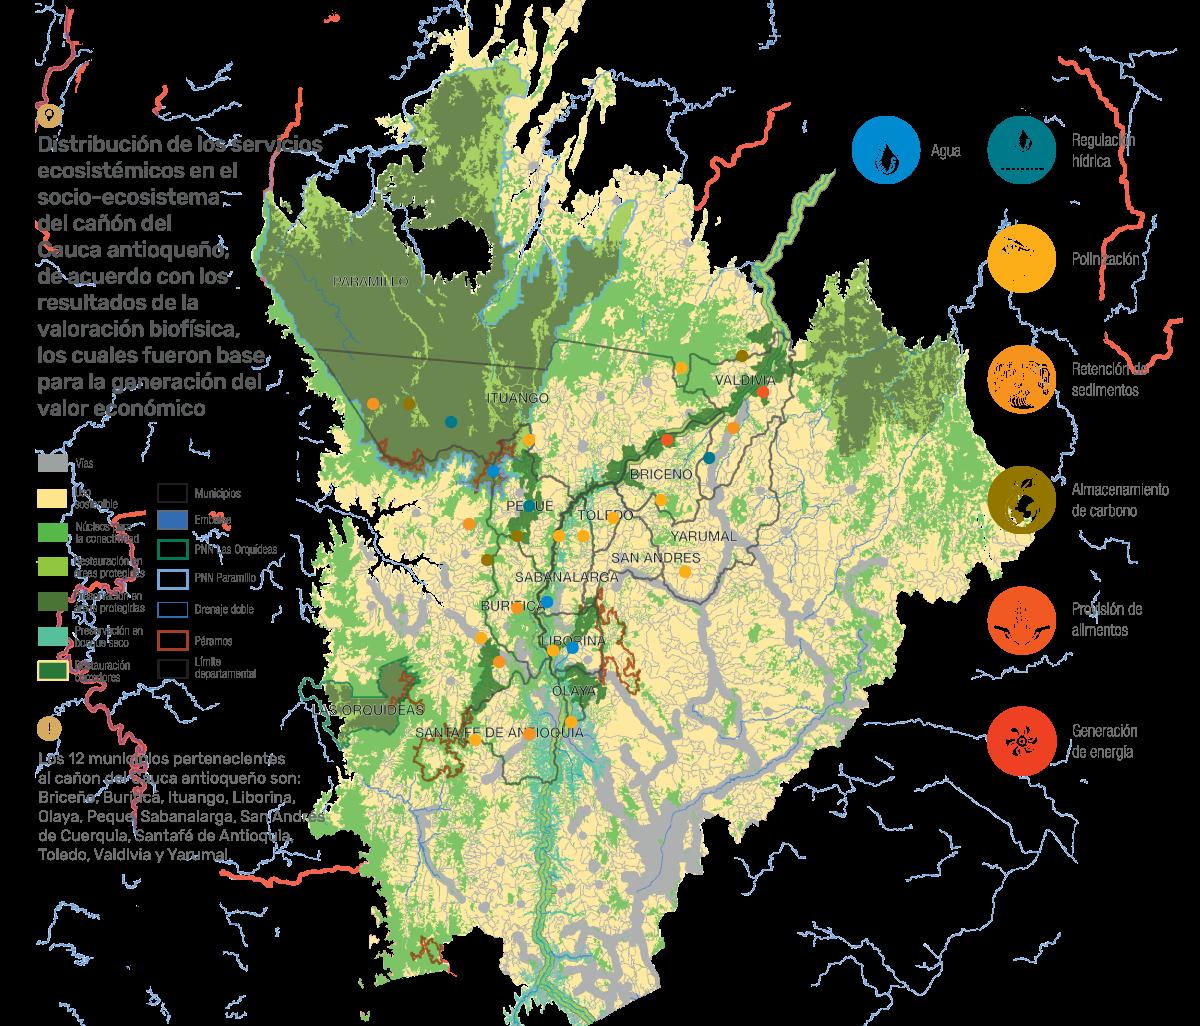 Distribución de los servicios ecosistémicos en el socio-ecosistema del cañón del Cauca antioqueño, de acuerdo con los resultados de la valoración biofísica, los cuales fueron base para la generación del valor económico